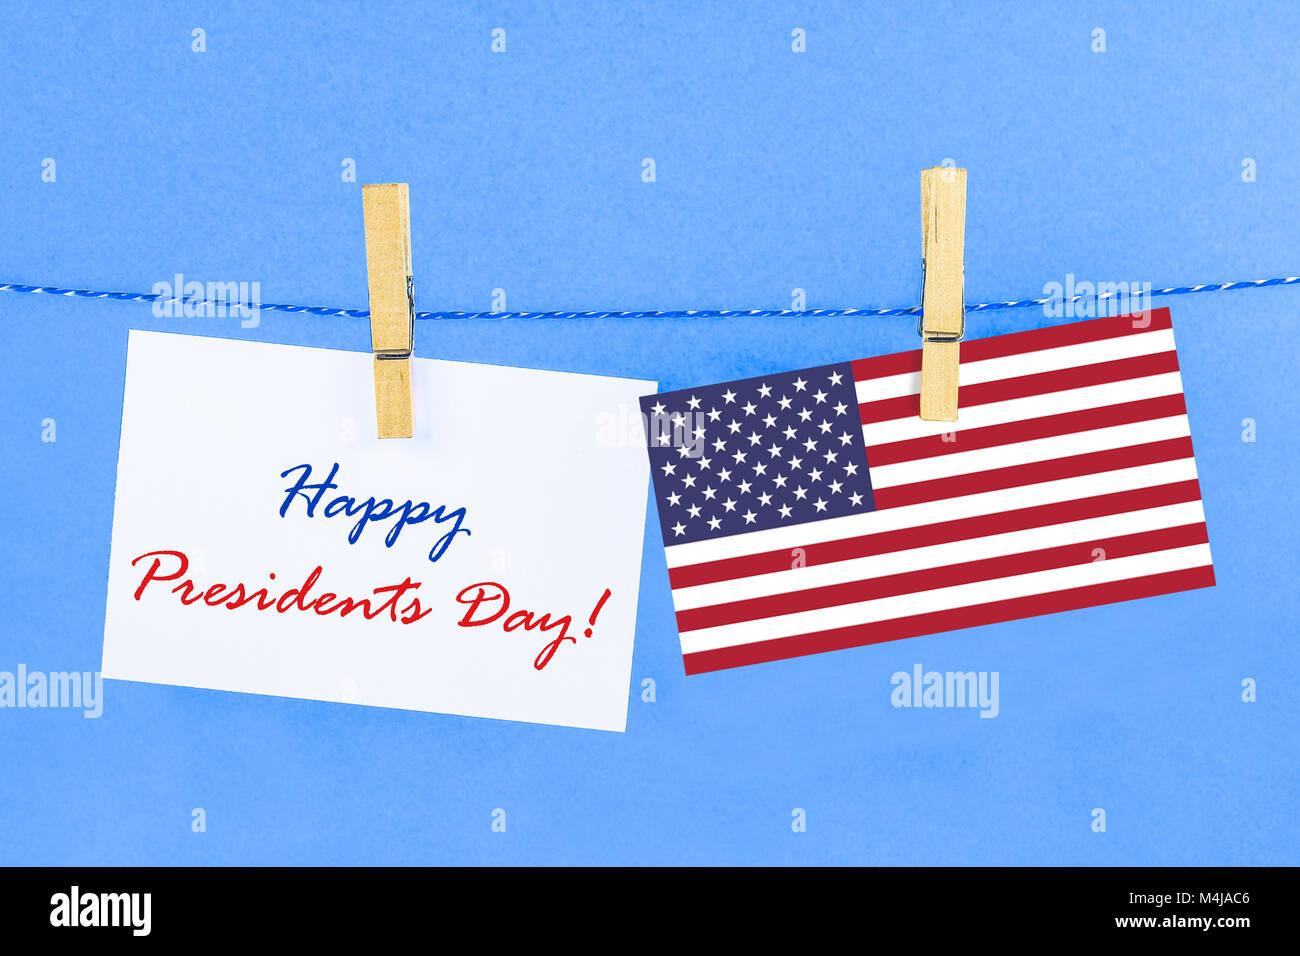 Happy Presidents Day Stockfotos & Happy Presidents Day Bilder - Alamy